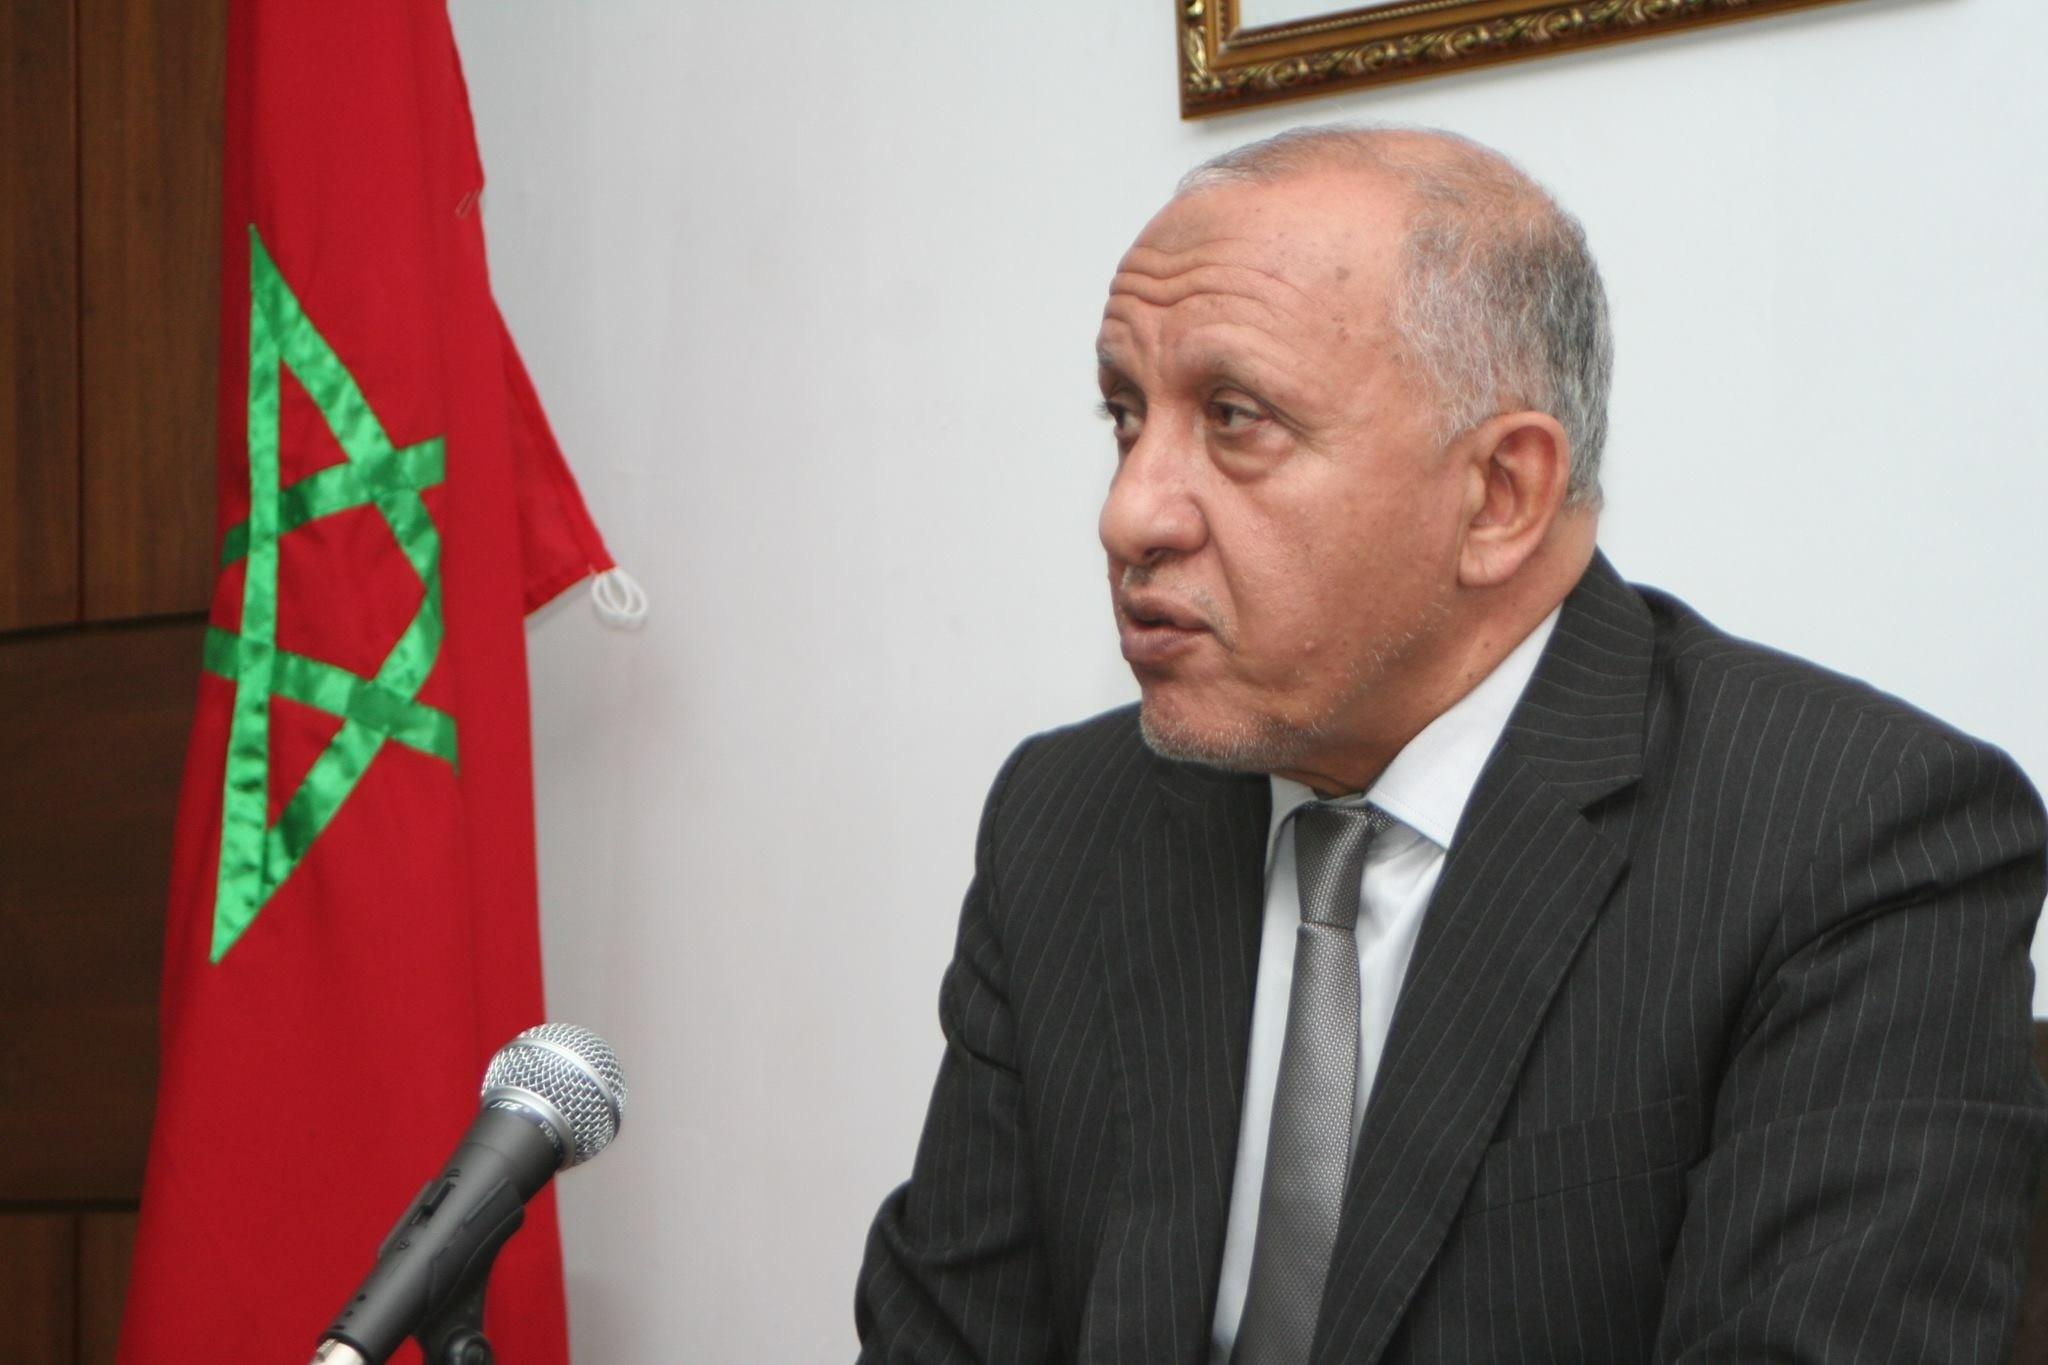 """'المالوكي' عمدة أكادير يخرق البروتوكول الرسمي ويصدر بلاغا حول """"الزيارة الملكية"""""""